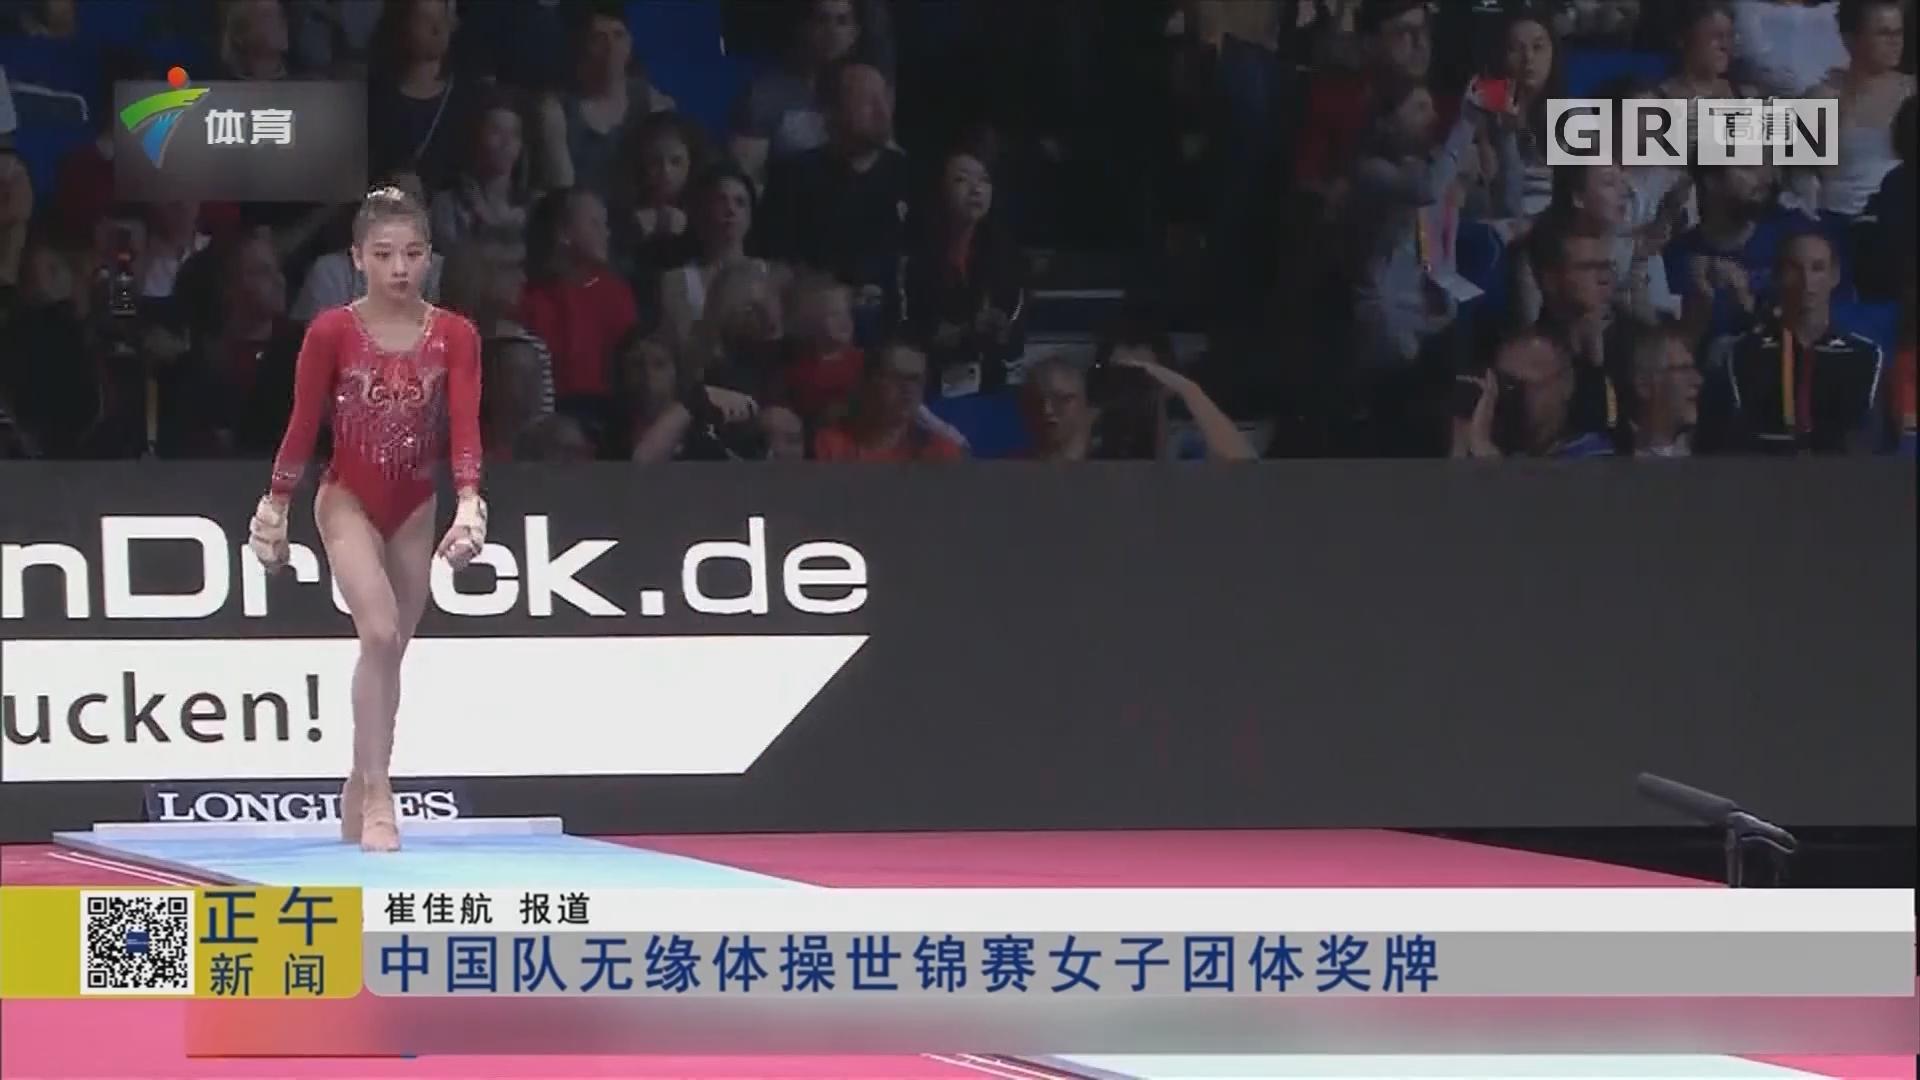 中國隊無緣體操世錦賽女子團體獎牌